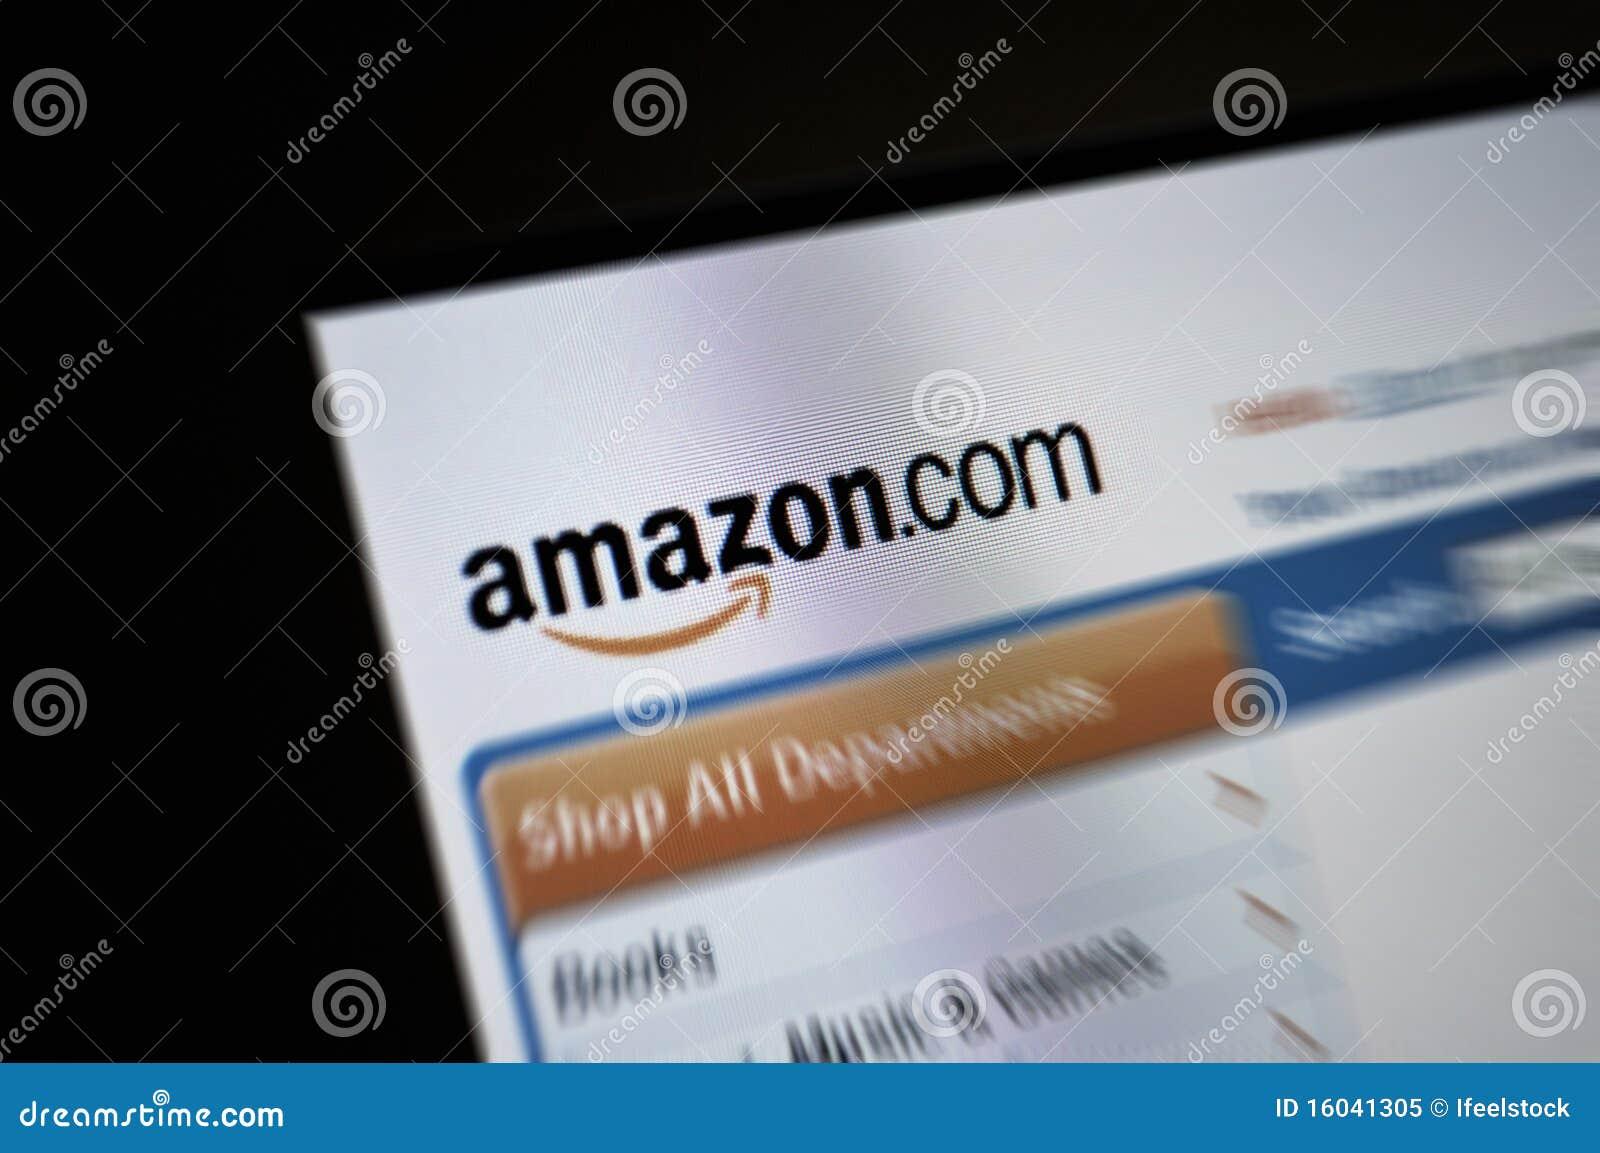 Skärm för huvudsida för amazon com-internet